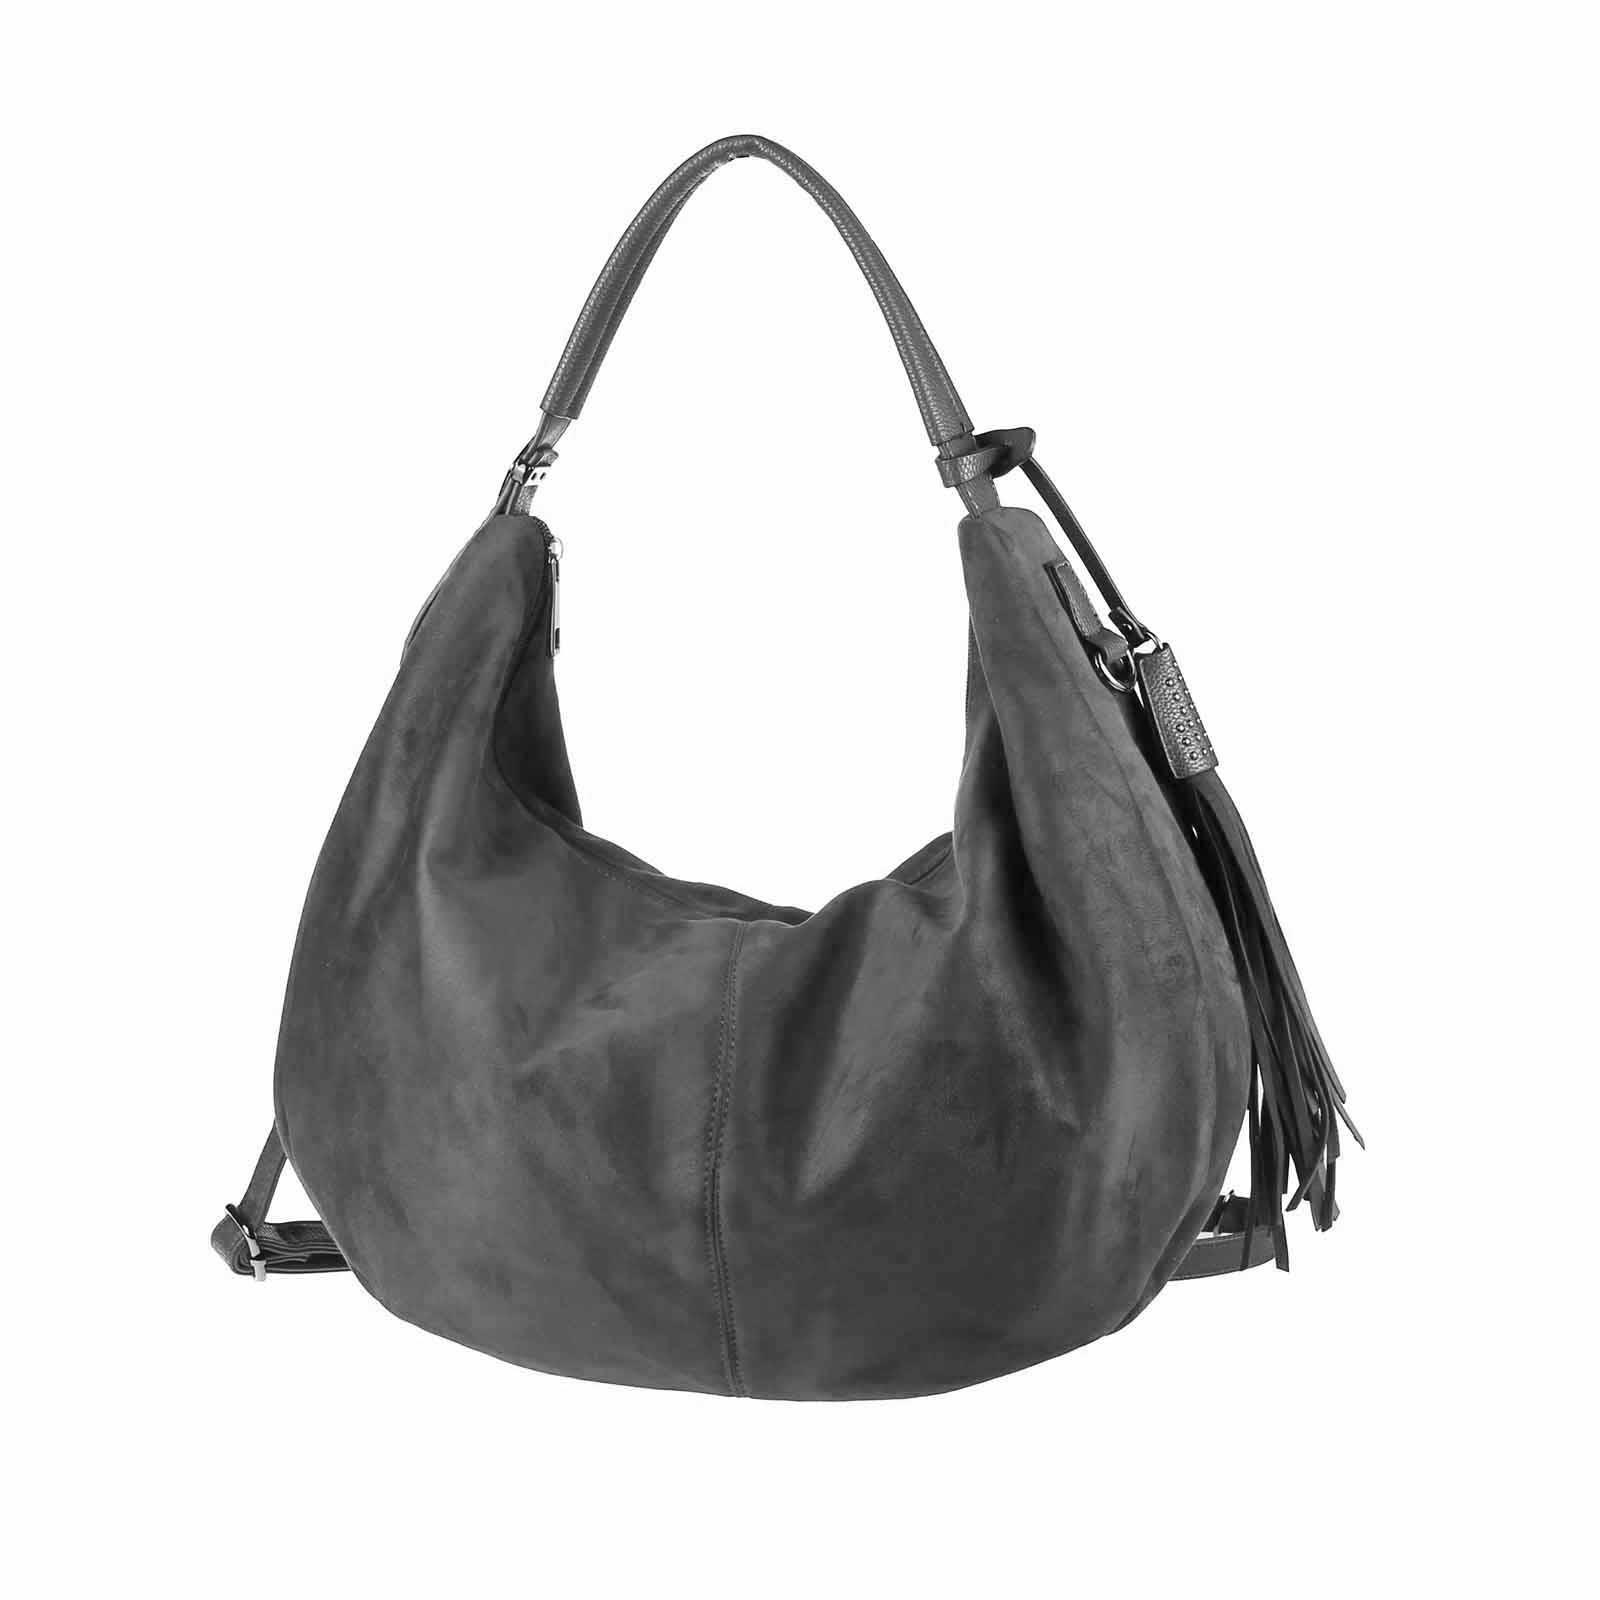 3a5eddbd48598 OBC ital-design DAMEN TASCHE BOWLING Hobo-Bag Shopper Fransen Handtasche  Henkeltasche Schultertasche